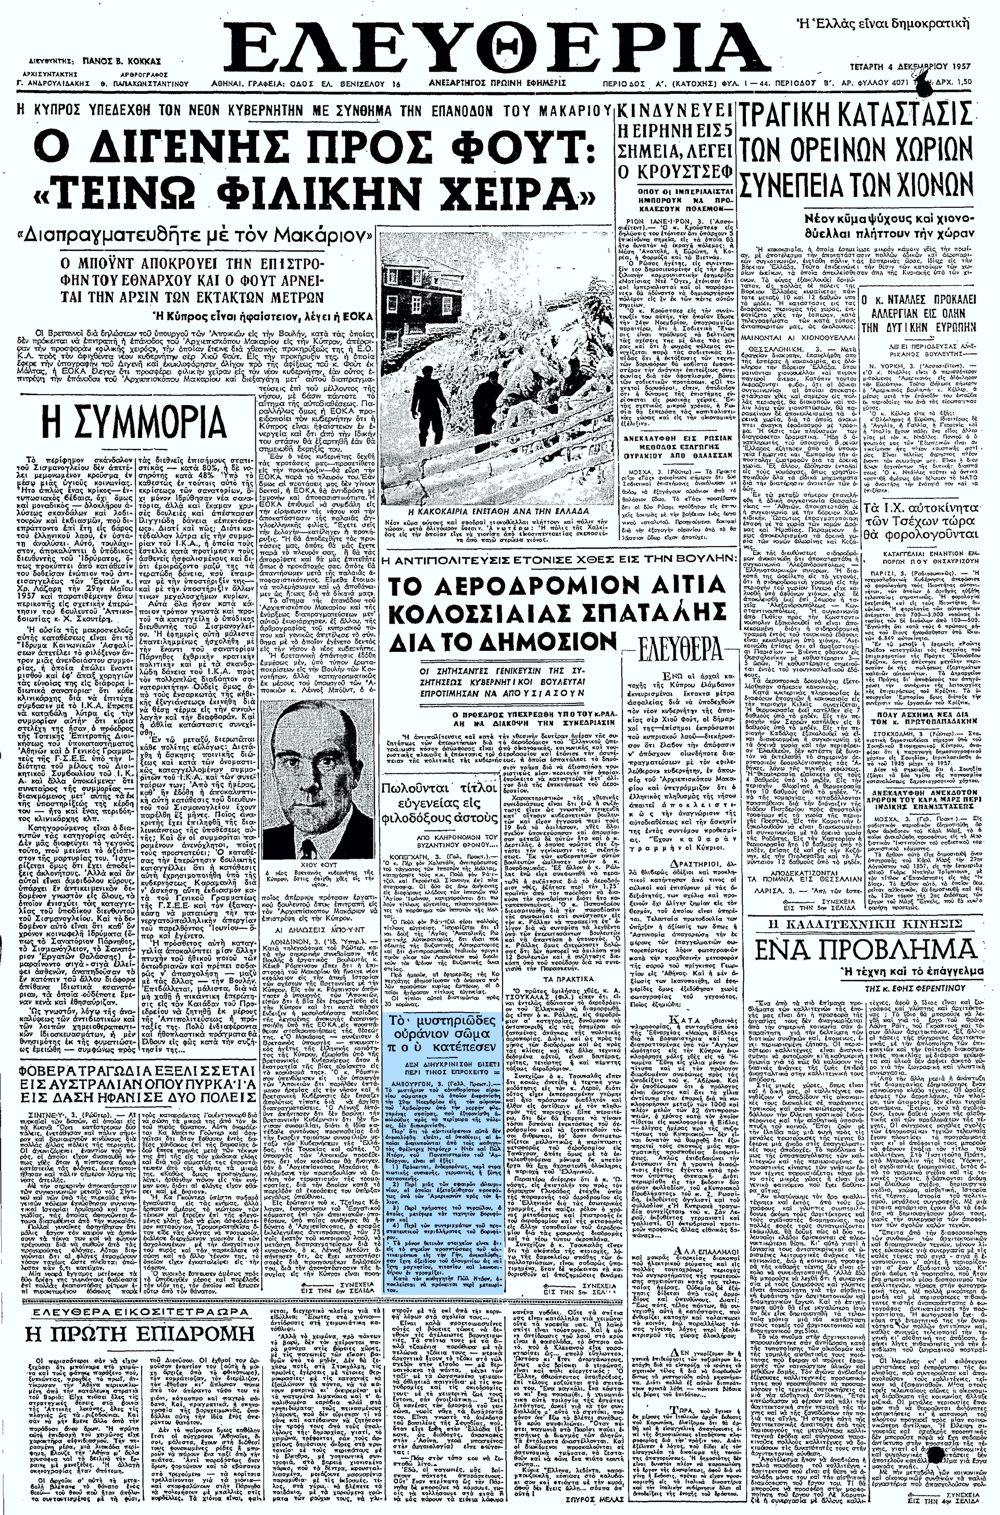 """Το άρθρο, όπως δημοσιεύθηκε στην εφημερίδα """"ΕΛΕΥΘΕΡΙΑ"""", στις 04/12/1957"""